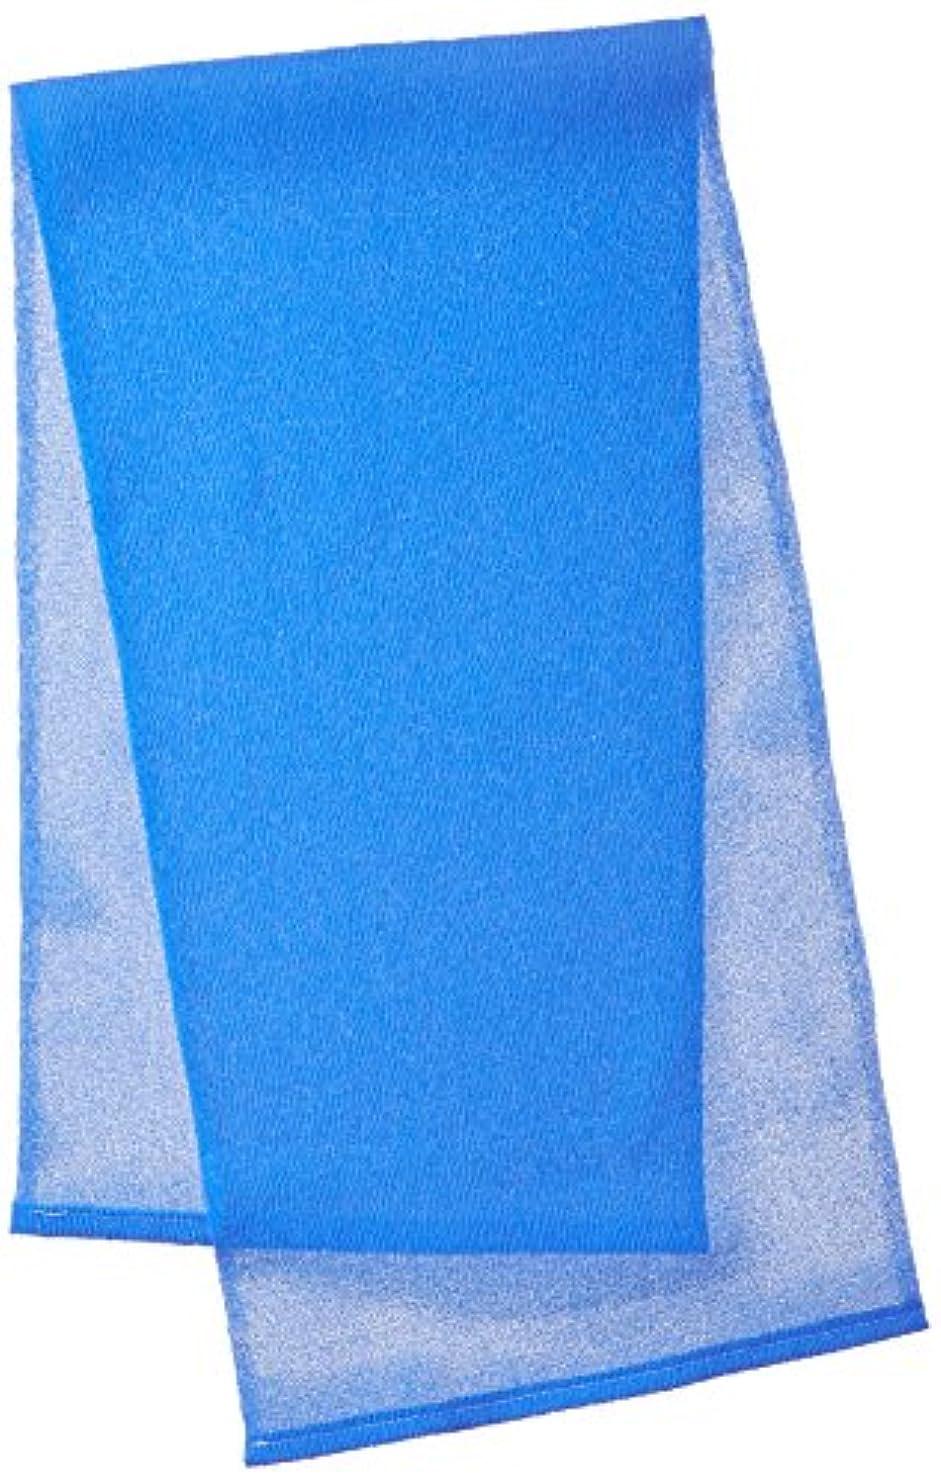 拍手する眠っている乳白キクロン メンズ用 グッメン オトコのボディタオル ベリーハード スプラッシュブルー